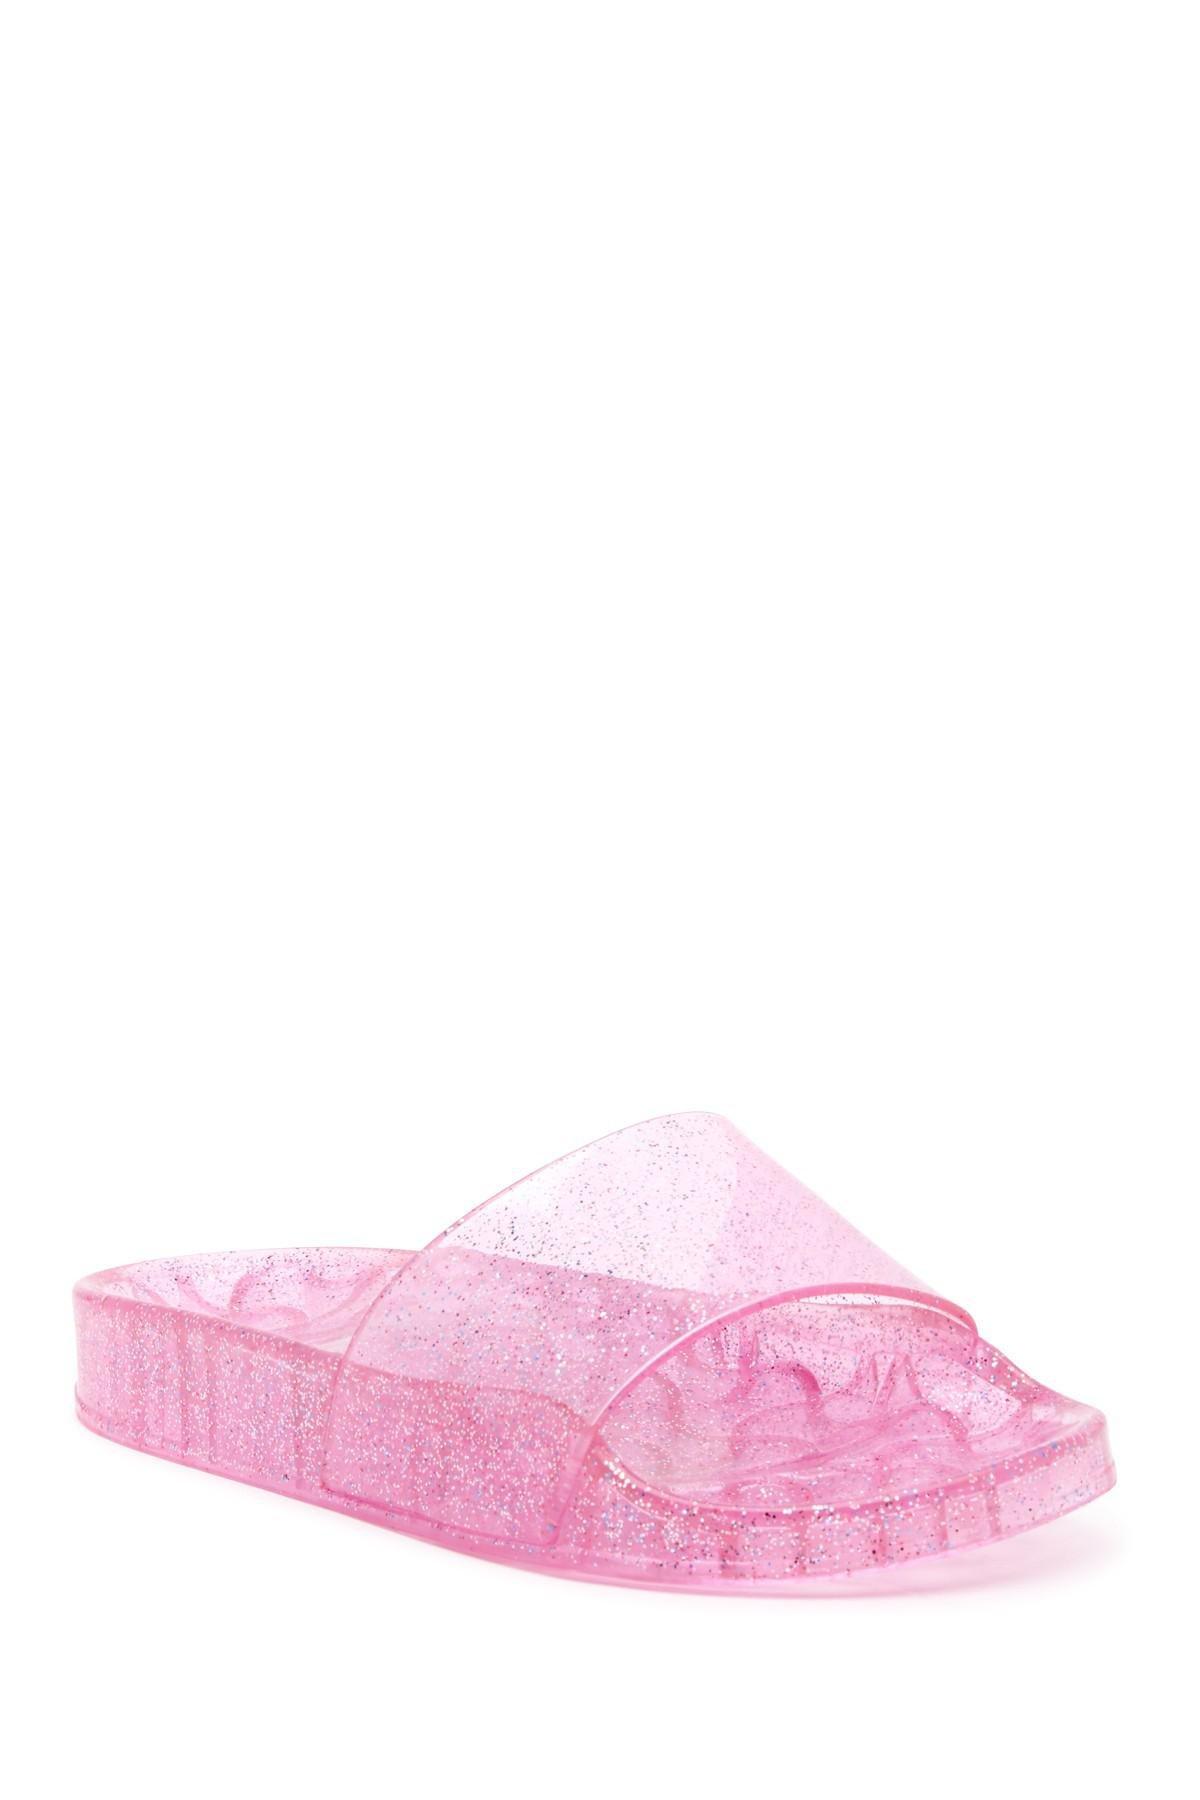 Dirty Laundry Gi Gi Jelly Slide Sandal 5eNvgRE